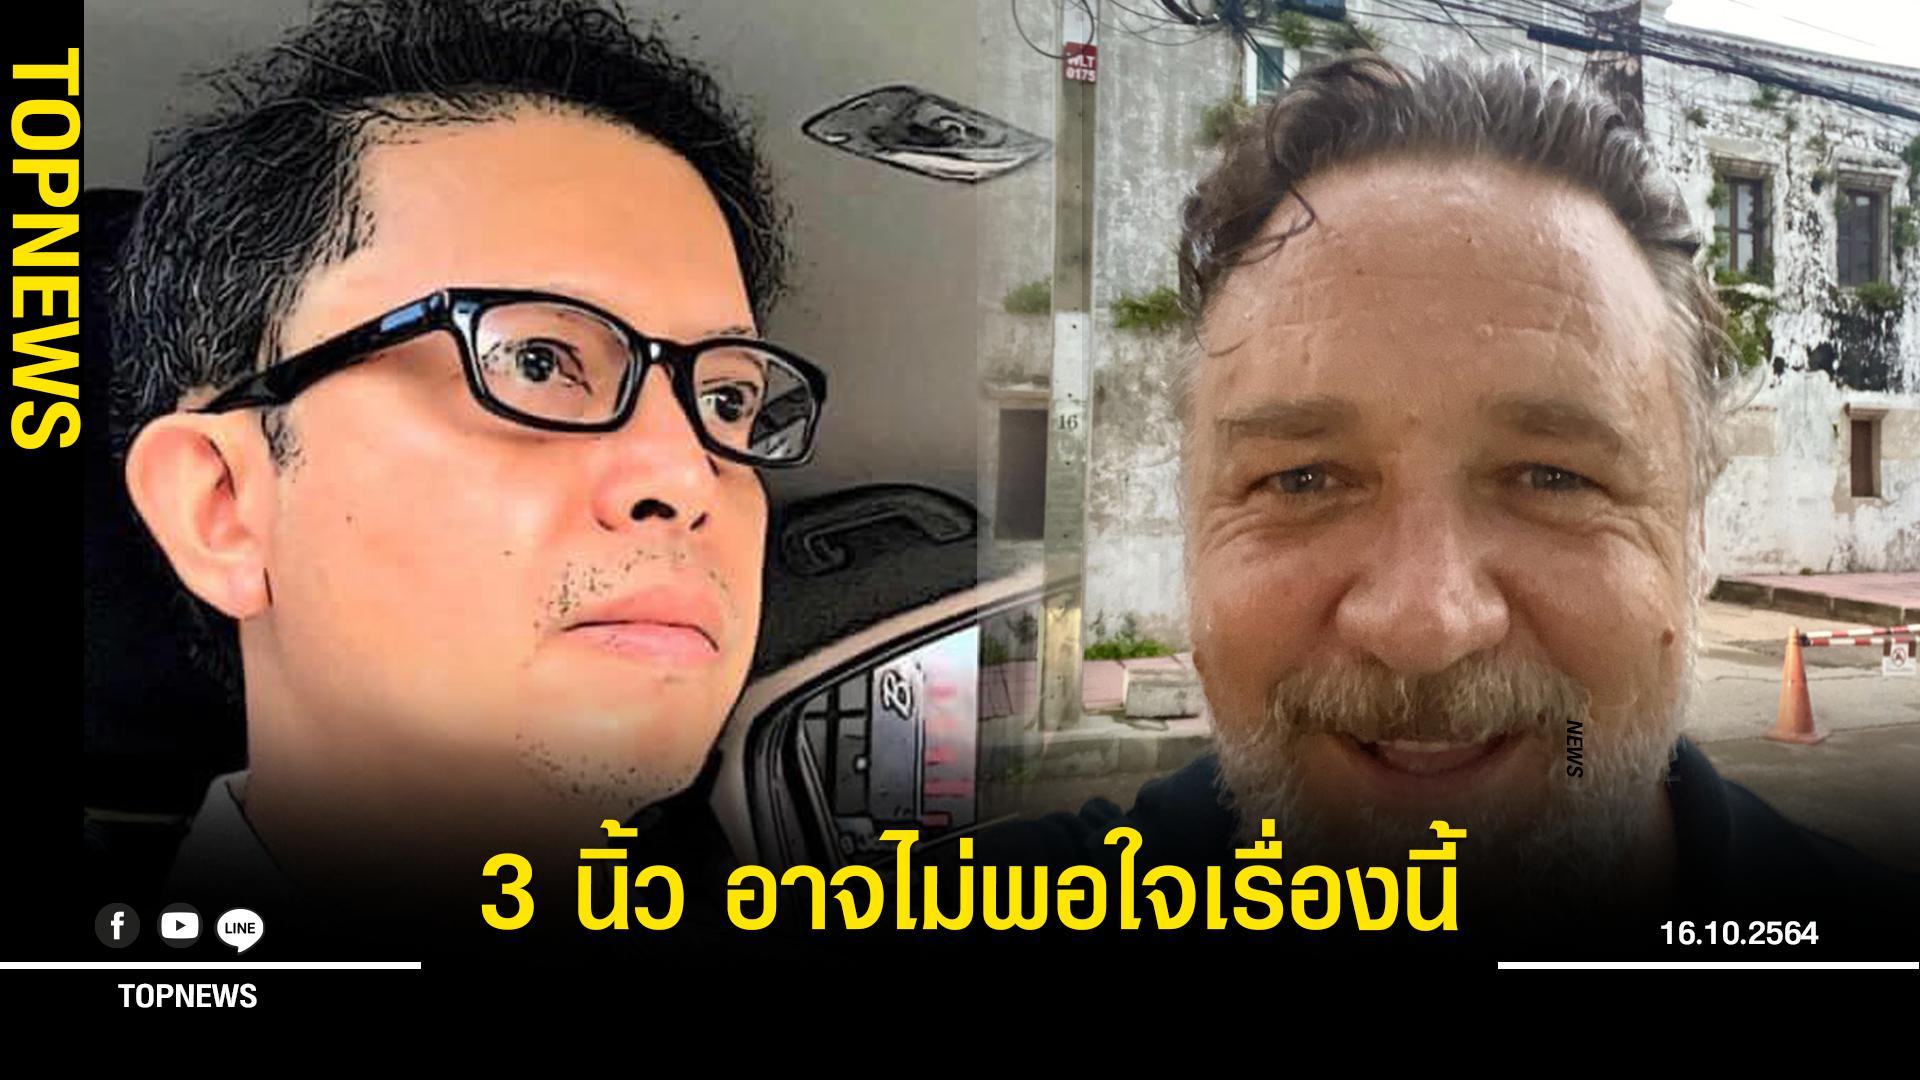 """'อัษฎางค์ ยมนาค'สอน 3 นิ้ว หลังไม่พอใจ""""รัสเซล โครว์""""ตกหลุมรักเมืองไทย ลั่น คุณคนไทยไม่ภูมิใจตัวเอง ก็ไม่ต้องหวังว่าคุณจะมีความภูมิใจใดๆ เหลืออยู่"""